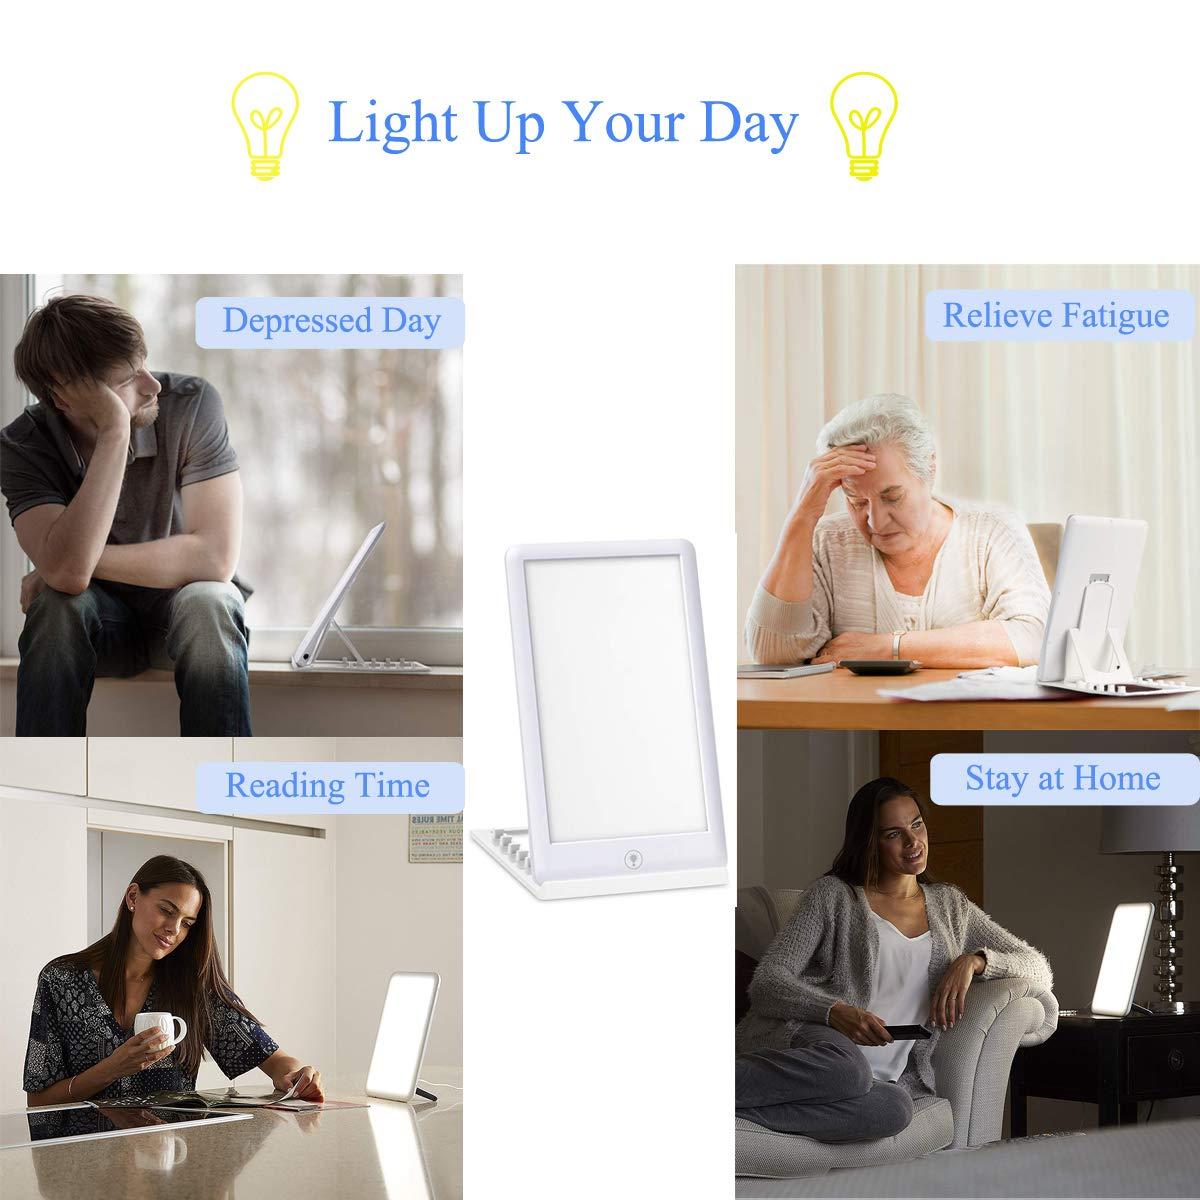 10 000 Lumens LED Lampe R/églable Lumi/ère du Jour Une Touche, Sans UV avec Support Pour D/épression Saisonni/ère MINCHEDA Portative Lampe de Luminoth/érapie